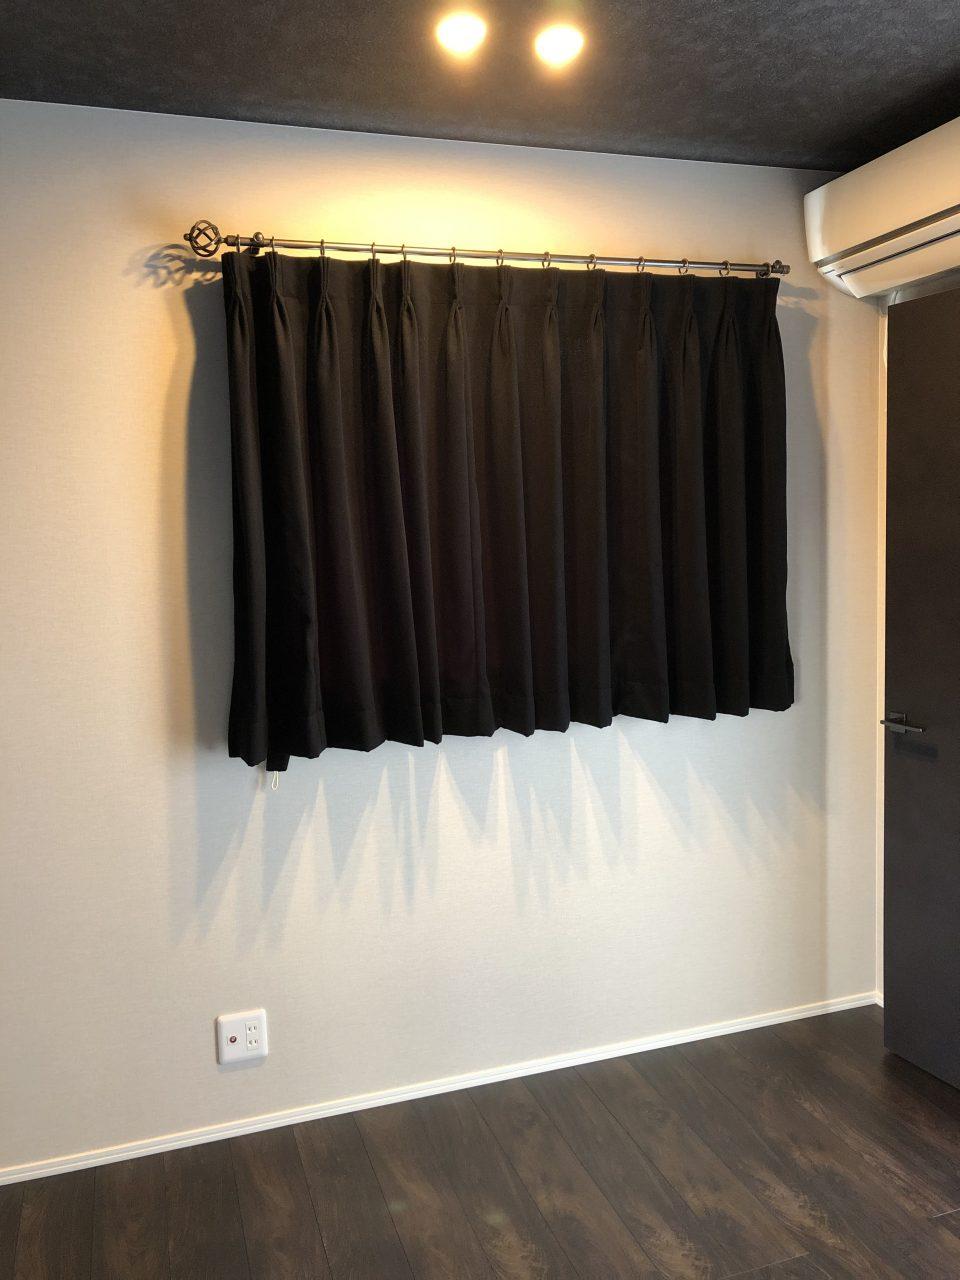 緞帳生地でカーテンを作り、寝室をシックモダンスタイルに演出